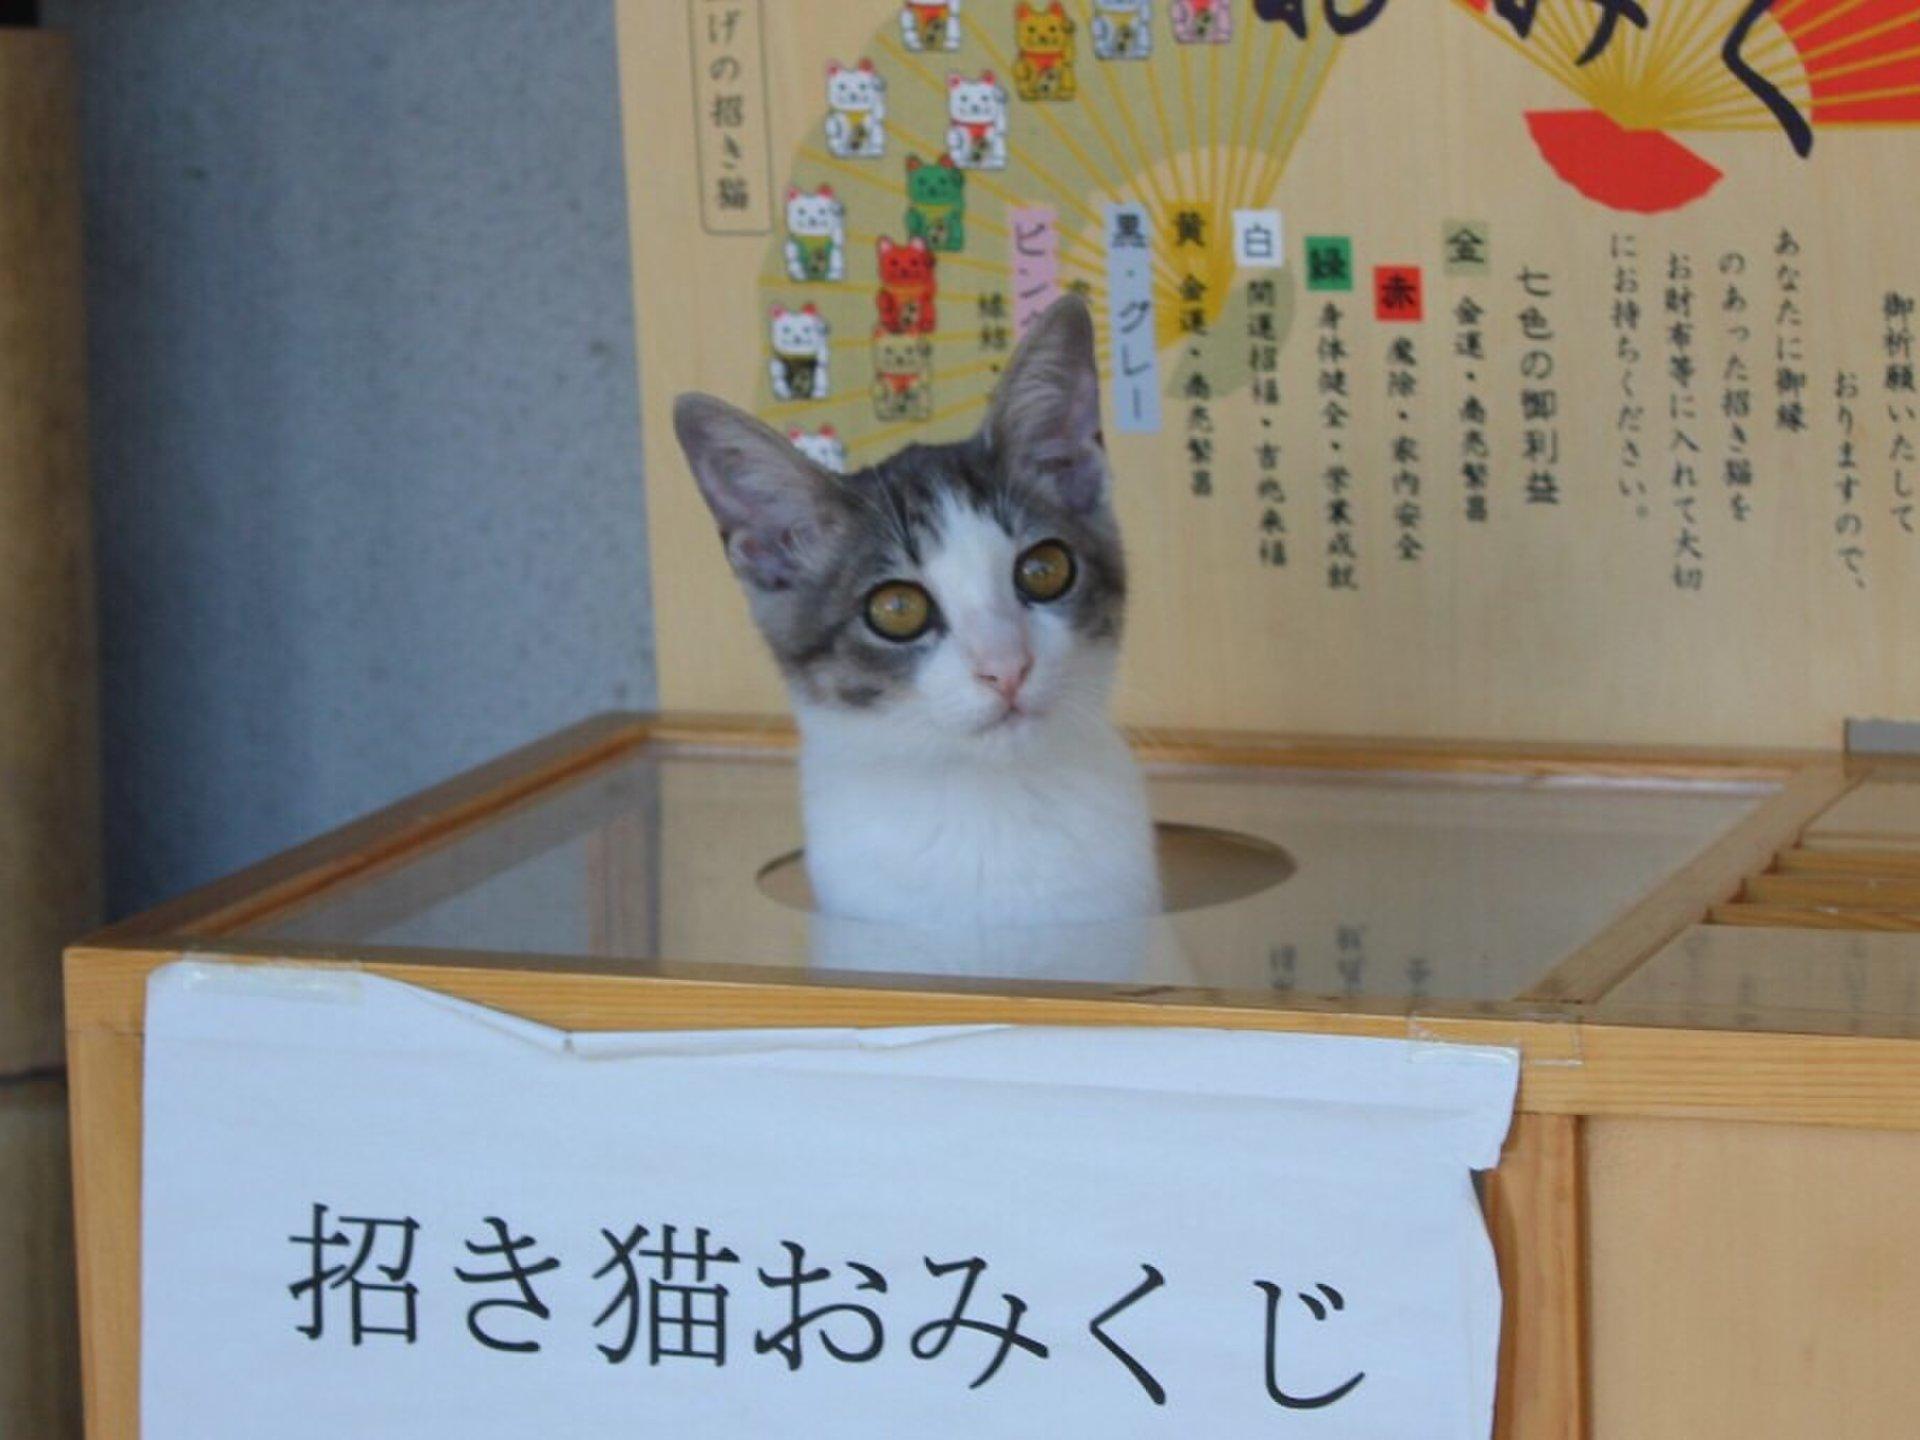 【猫好き♡】2ch.で噂のぬこでらは本当に存在した!ニャンともかわいいおみくじ猫に会いに行こう!